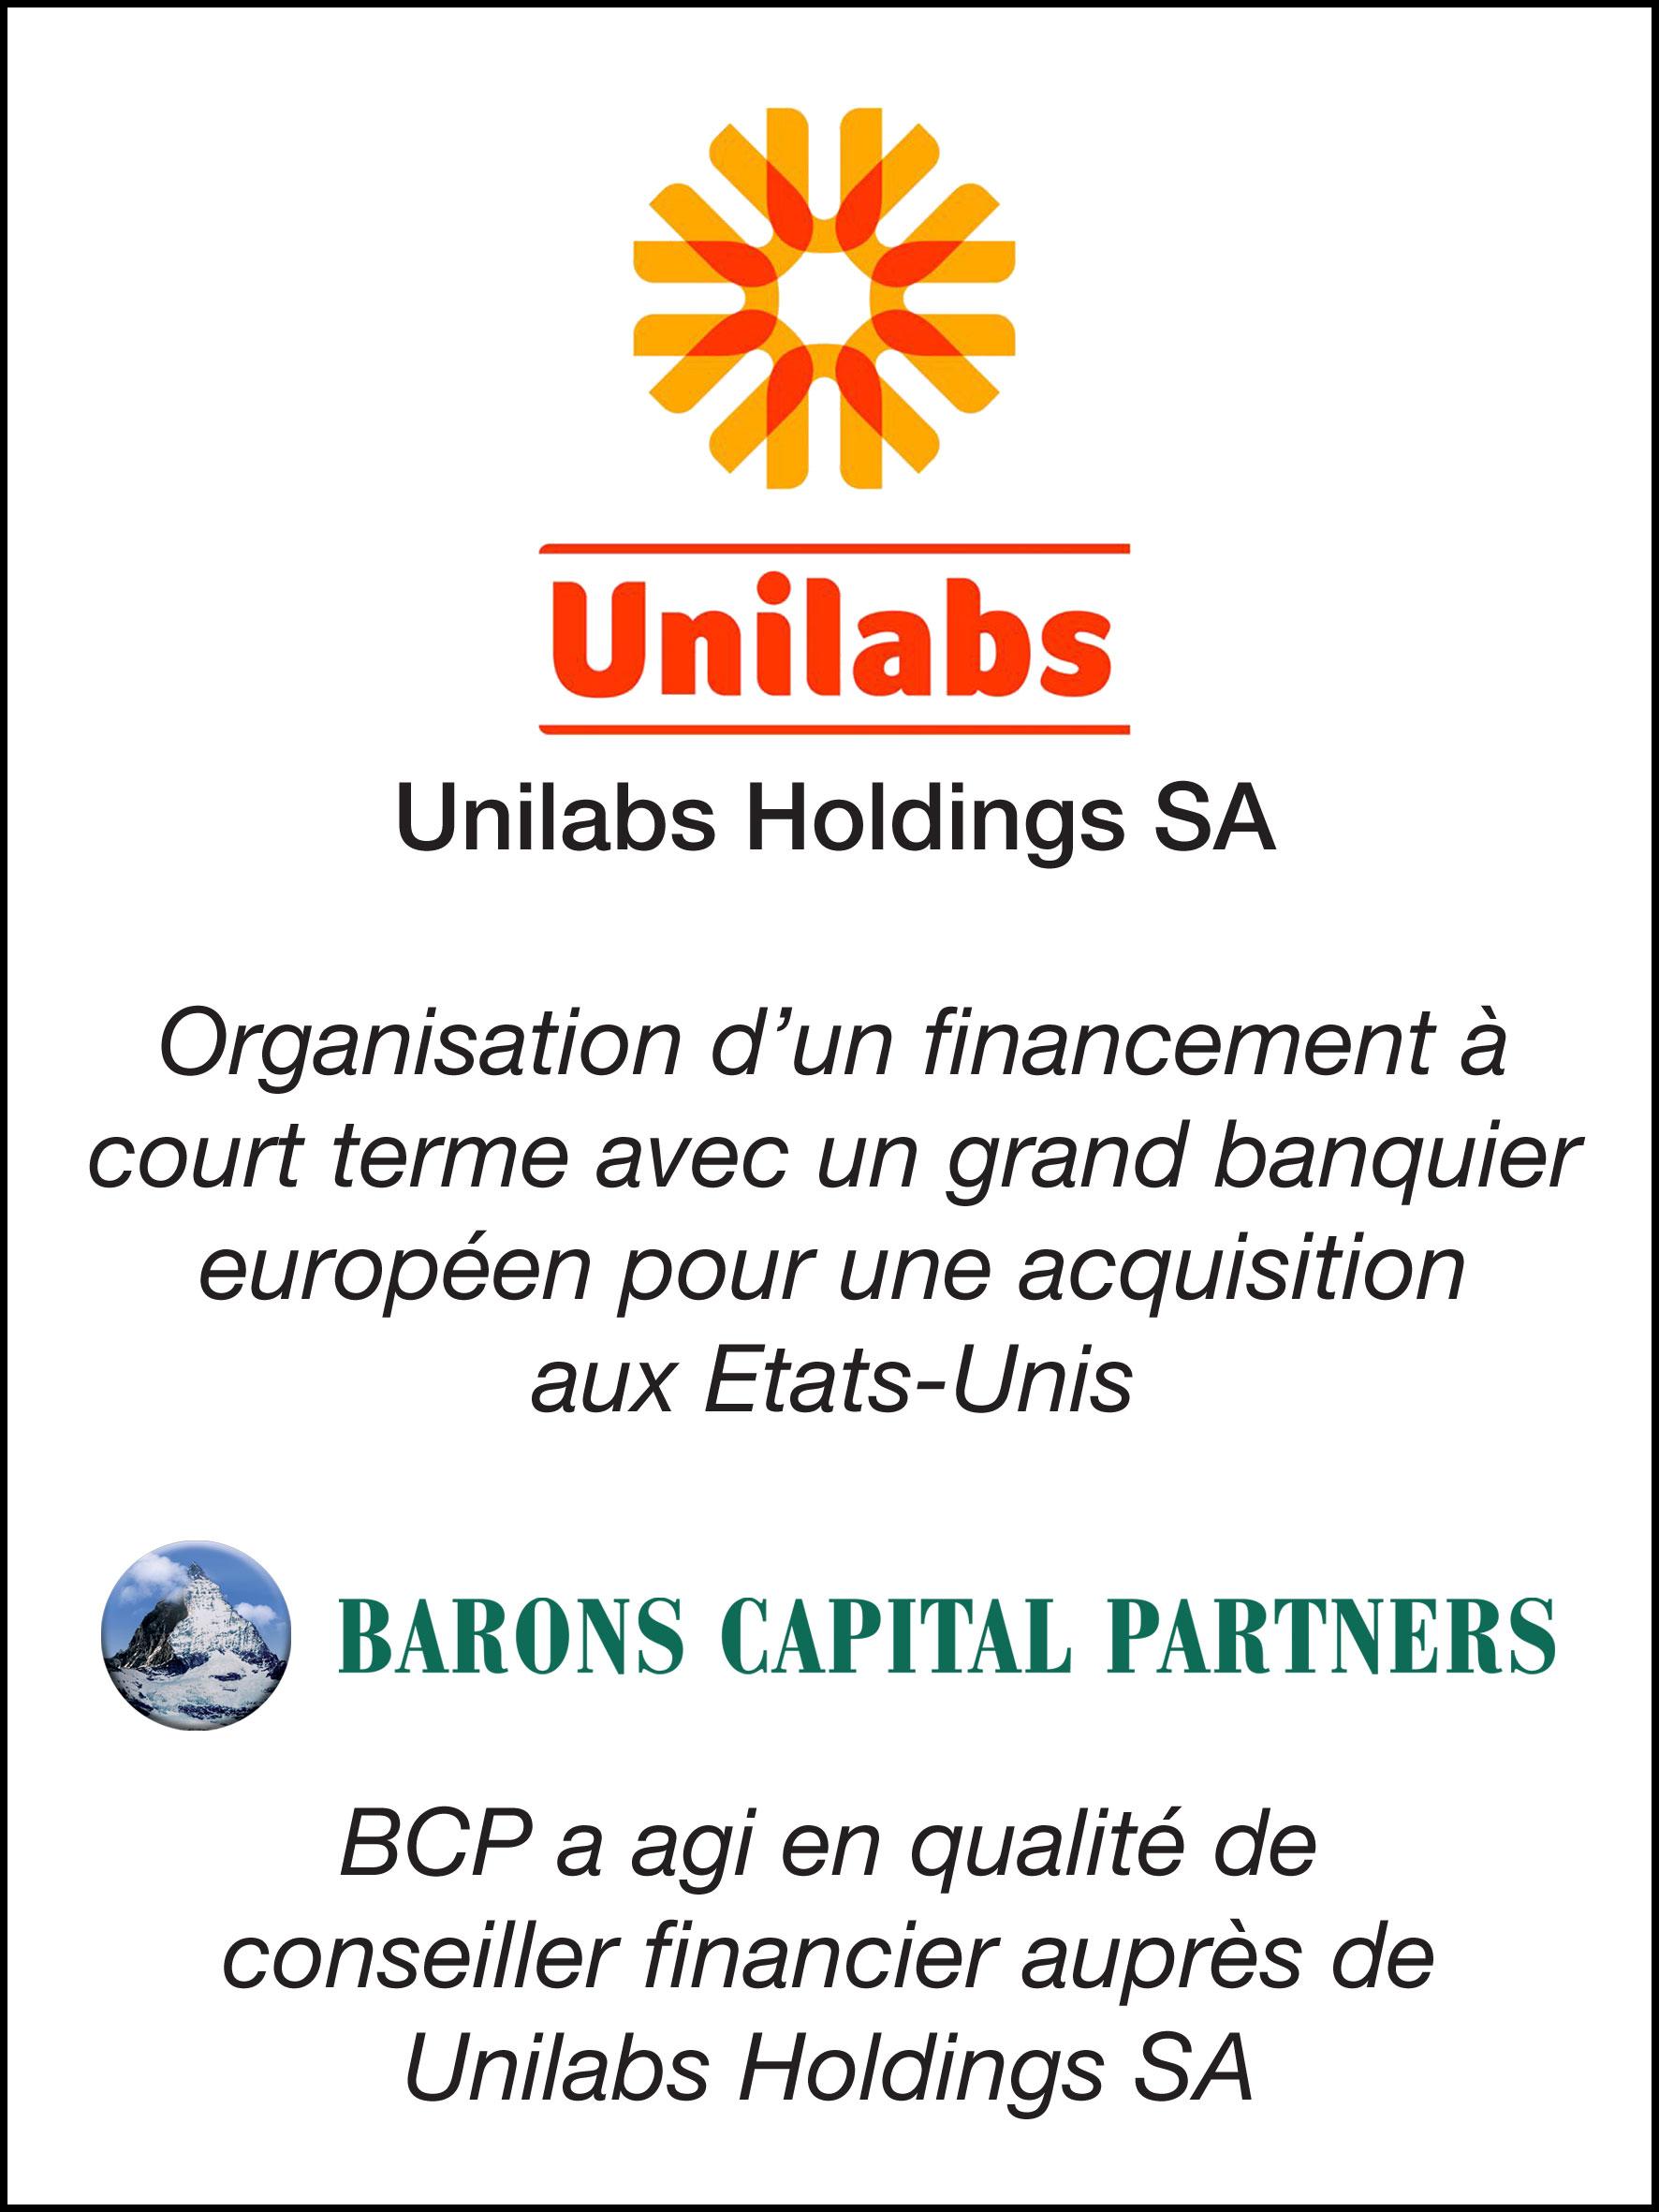 31_Unilabs Holdings SA_F